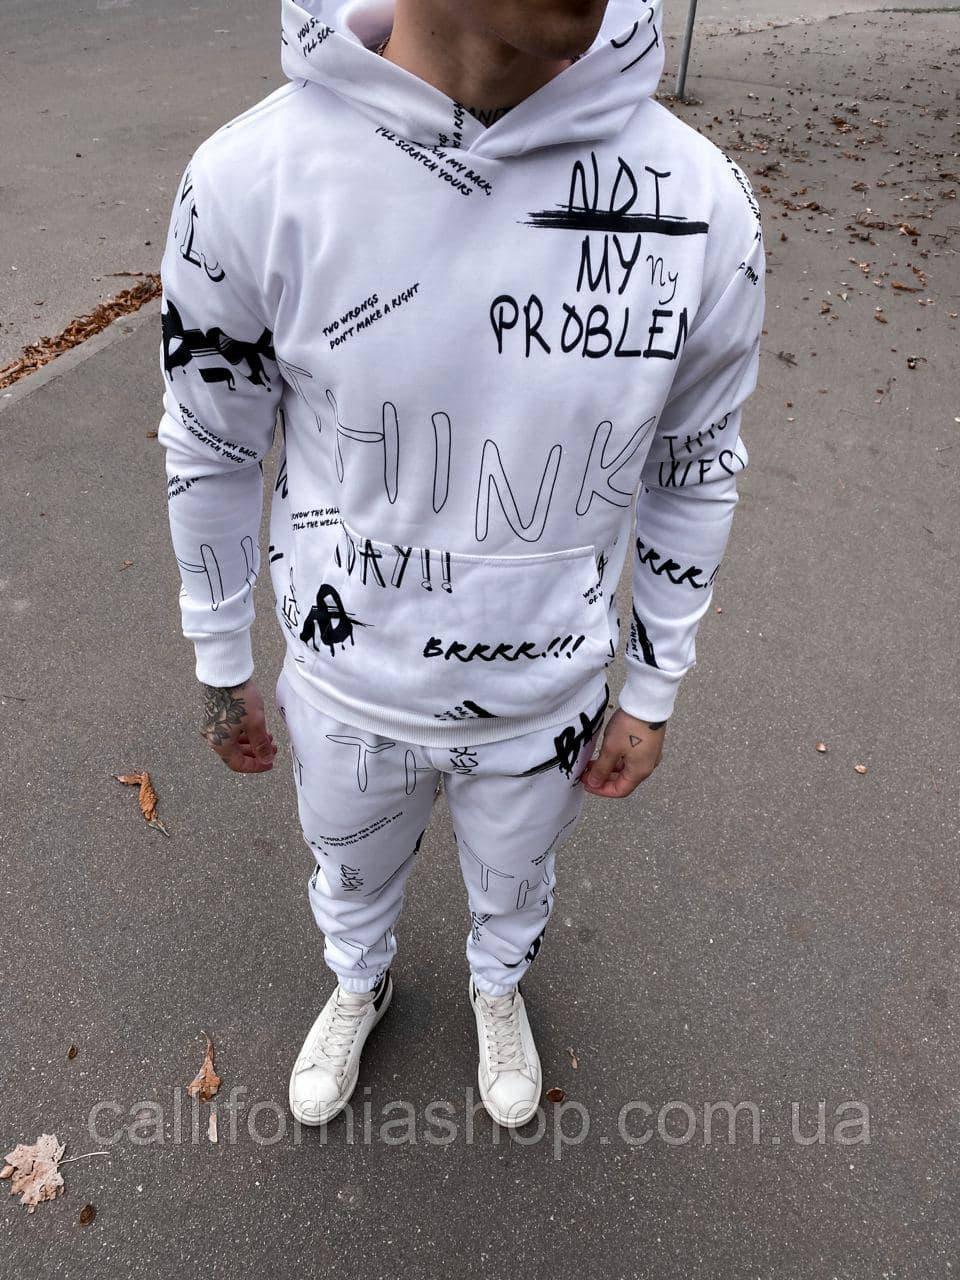 Костюм мужской  спортивный белый с начесом теплый с капюшоном худи штаны молодежный